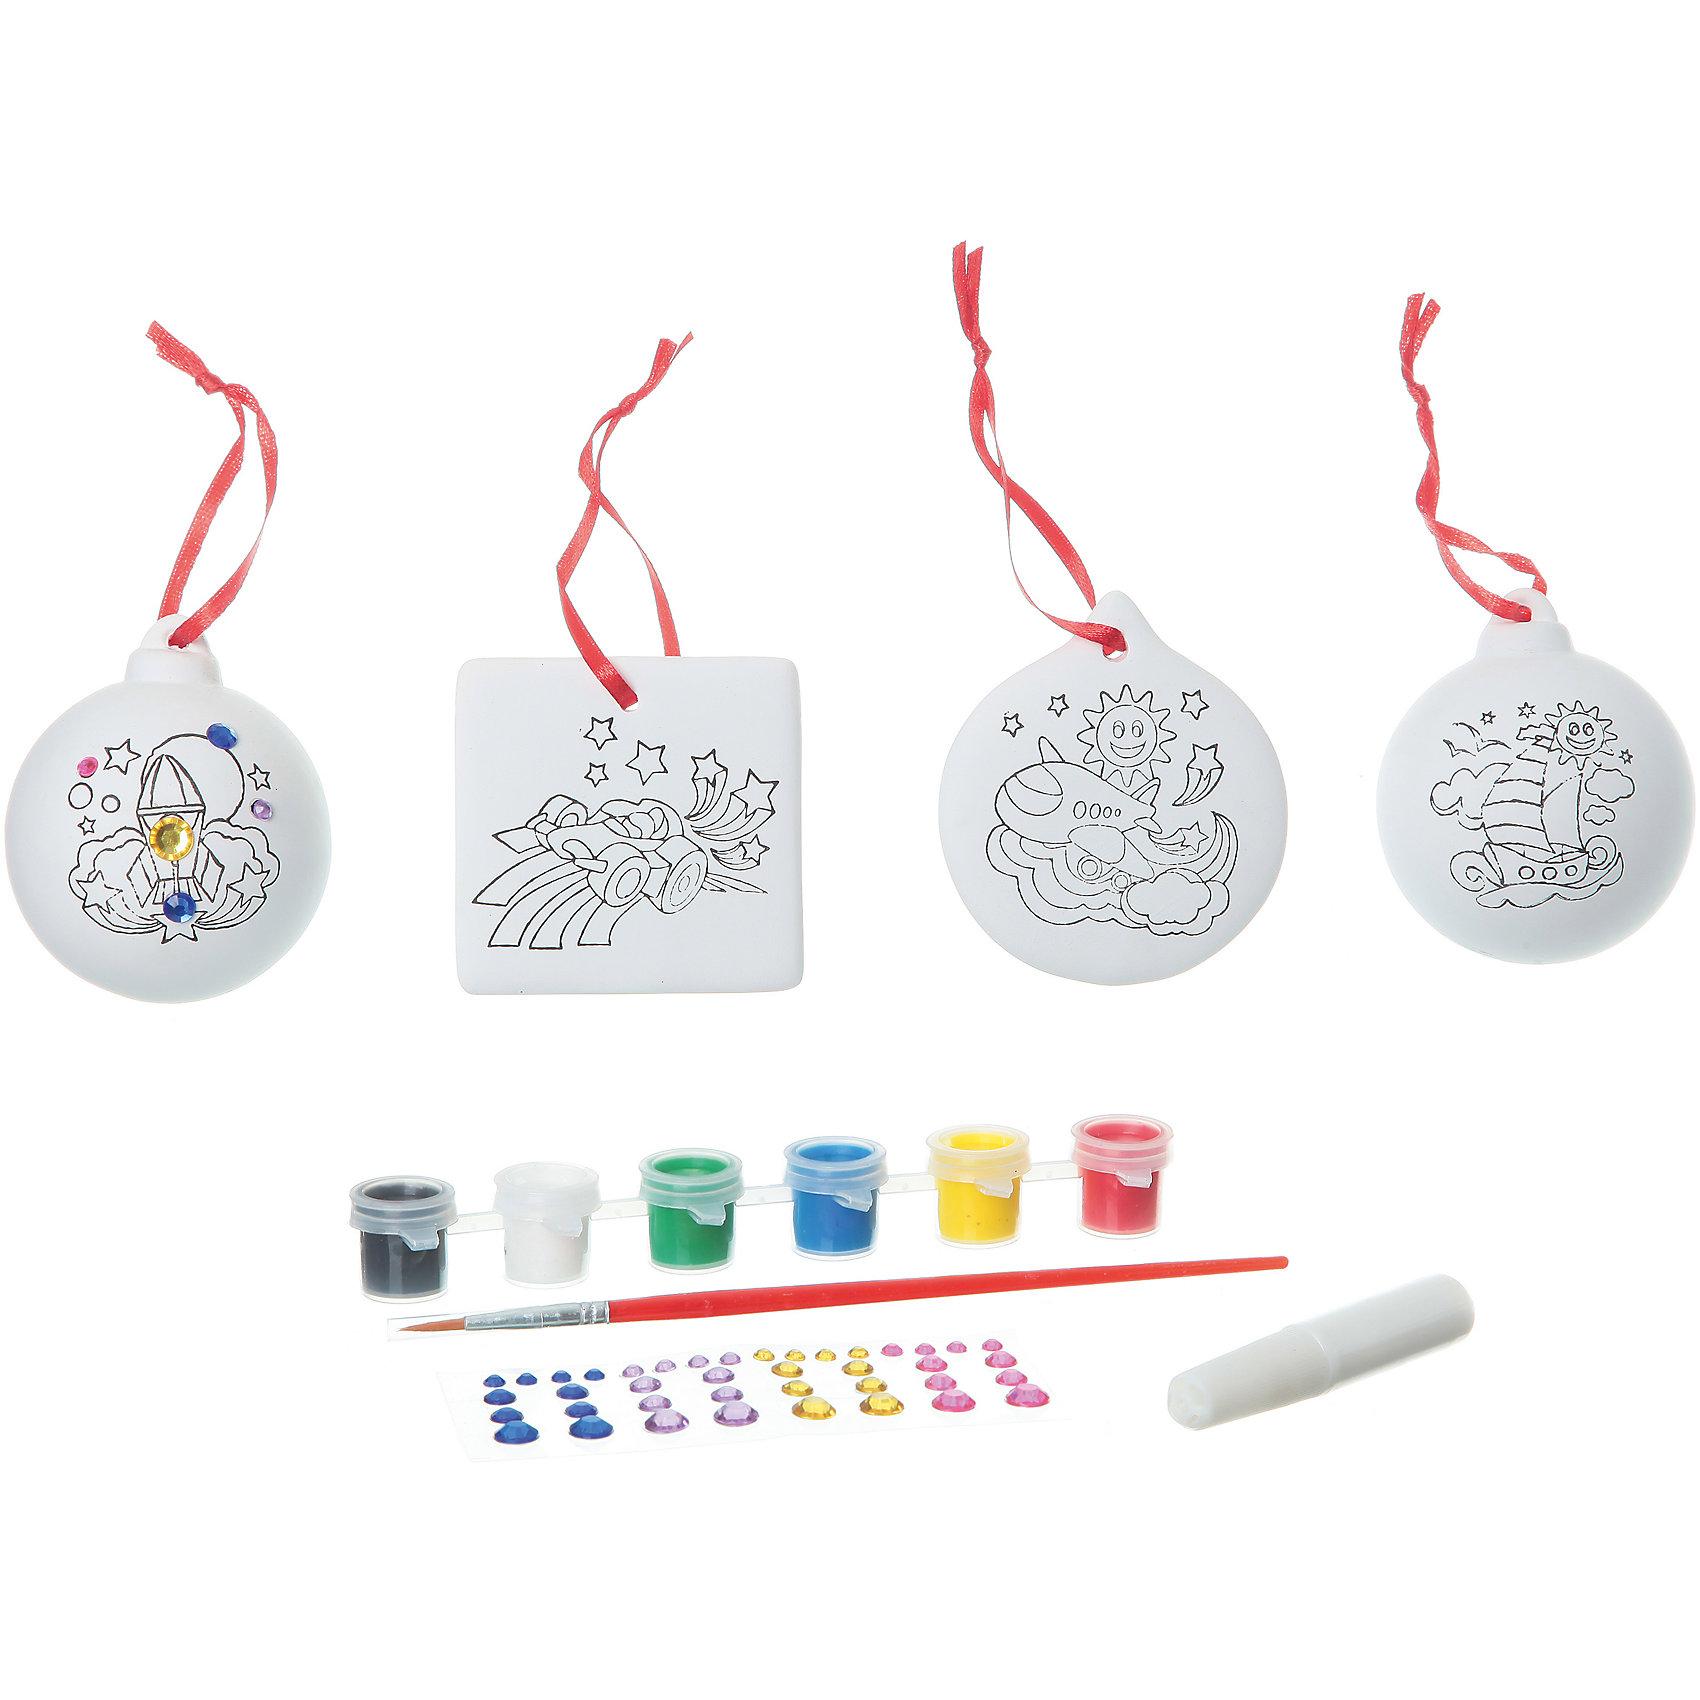 Набор для творчества со стразами (2 шарика, квадрат, круг), BondibonНовогоднее творчество<br>Набор для творчества со стразами (2 шарика, квадрат, круг) Bondibon (Бондибон).<br><br>Характеристики:<br><br>• Материал: керамика, краски, текстиль.<br>• В набор входит: <br>- 4 керамических фигурки для раскрашивания, <br>- краски 6 цветов,<br>- кисточка, <br>- разноцветные стразы,<br>- инструкция.<br><br>Создайте новогоднее настроение вместе со своими детьми! Набор для творчества с Машей поможет вам провести творчески досуг и создаст праздничное настроение. В наборе 4 керамических фигурки для раскрашивания: 2 шарика, квадрат, сердце, которые нужно раскрасить так, как вам подскажет фантазия. Разноцветные мерцающие стразы сделают игрушки по- настоящему волшебными и новогодними. Раскрашивать изделия из керамики - очень интересно и увлекательно. Такие фигурки, раскрашенные вручную, станут отличным подарком! Работа с таким набором помогает развить творческие способности, усидчивость, внимательность, самостоятельность, координацию движений.<br><br>Набор для творчества со стразами (2 шарика, квадрат, круг) Bondibon (Бондибон), можно купить в нашем интернет – магазине.<br><br>Ширина мм: 262<br>Глубина мм: 60<br>Высота мм: 222<br>Вес г: 492<br>Возраст от месяцев: 60<br>Возраст до месяцев: 1188<br>Пол: Унисекс<br>Возраст: Детский<br>SKU: 5124541